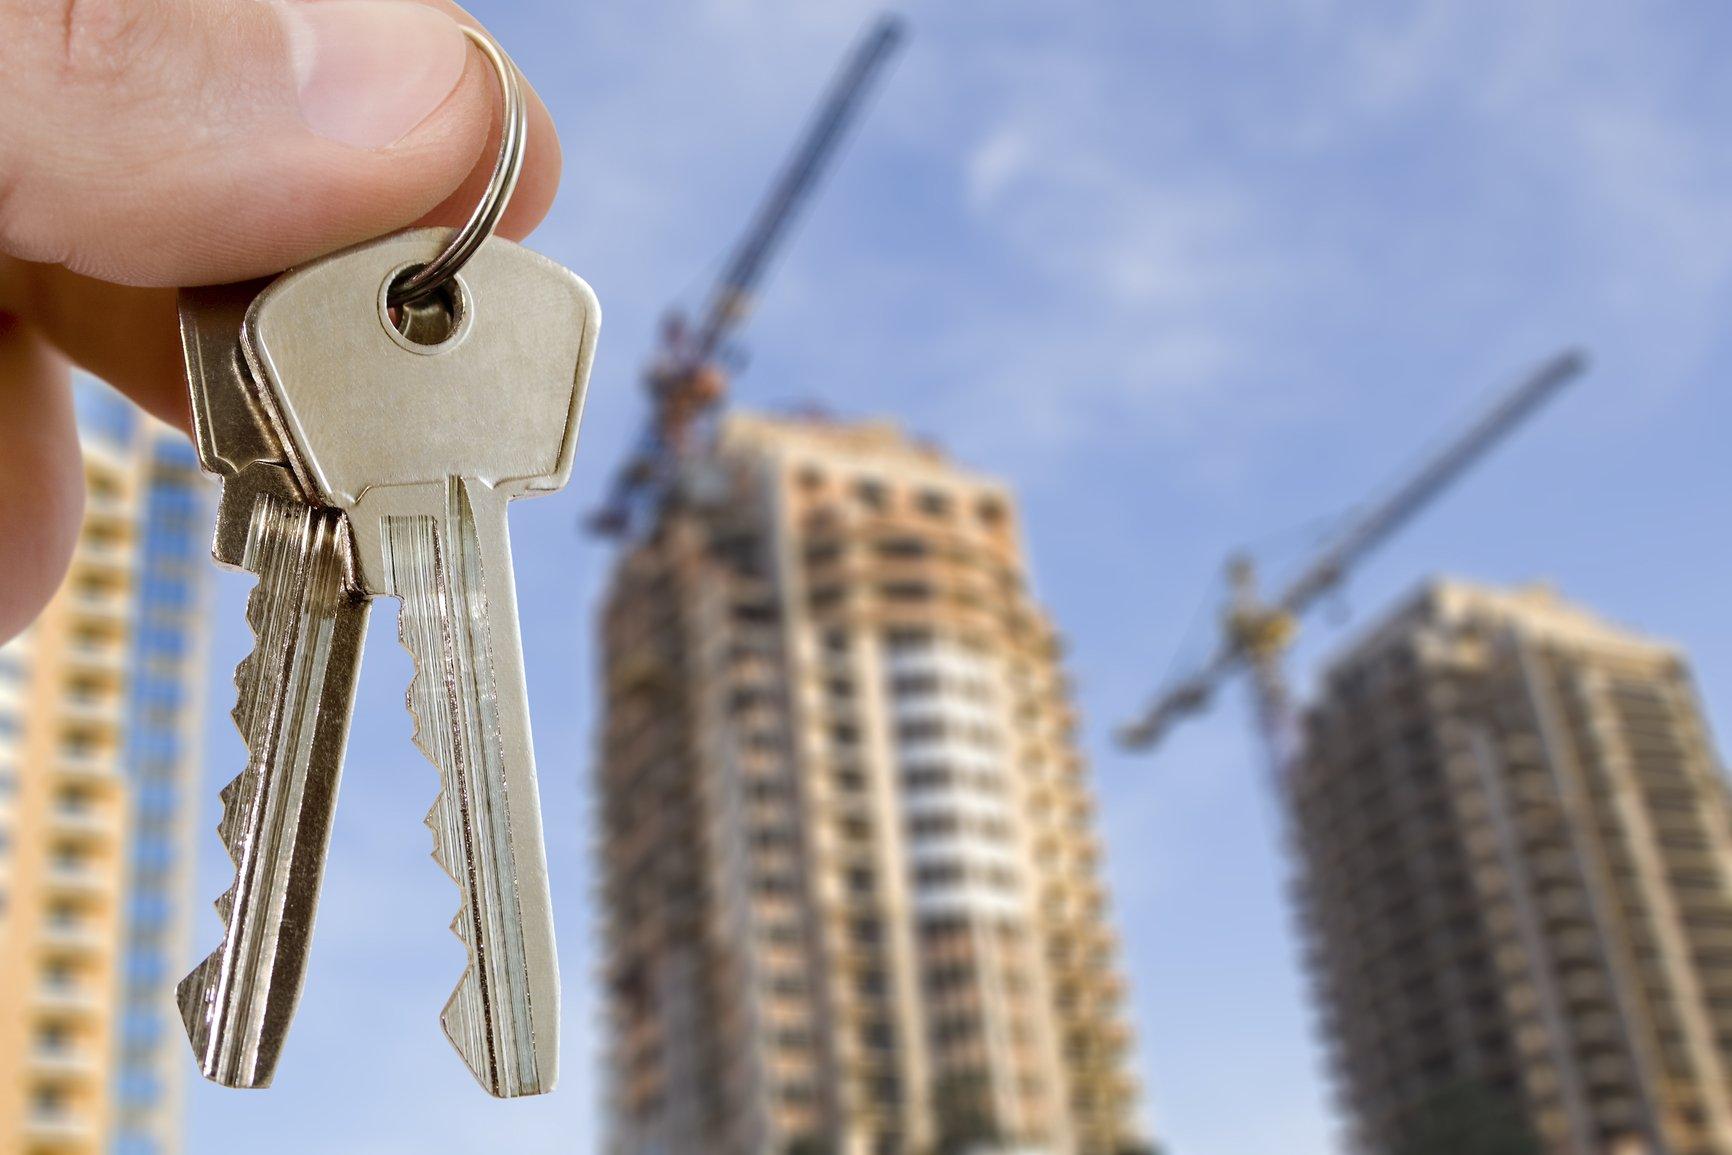 Национальный проект по жилью и городской среде будет реализован в Якутии